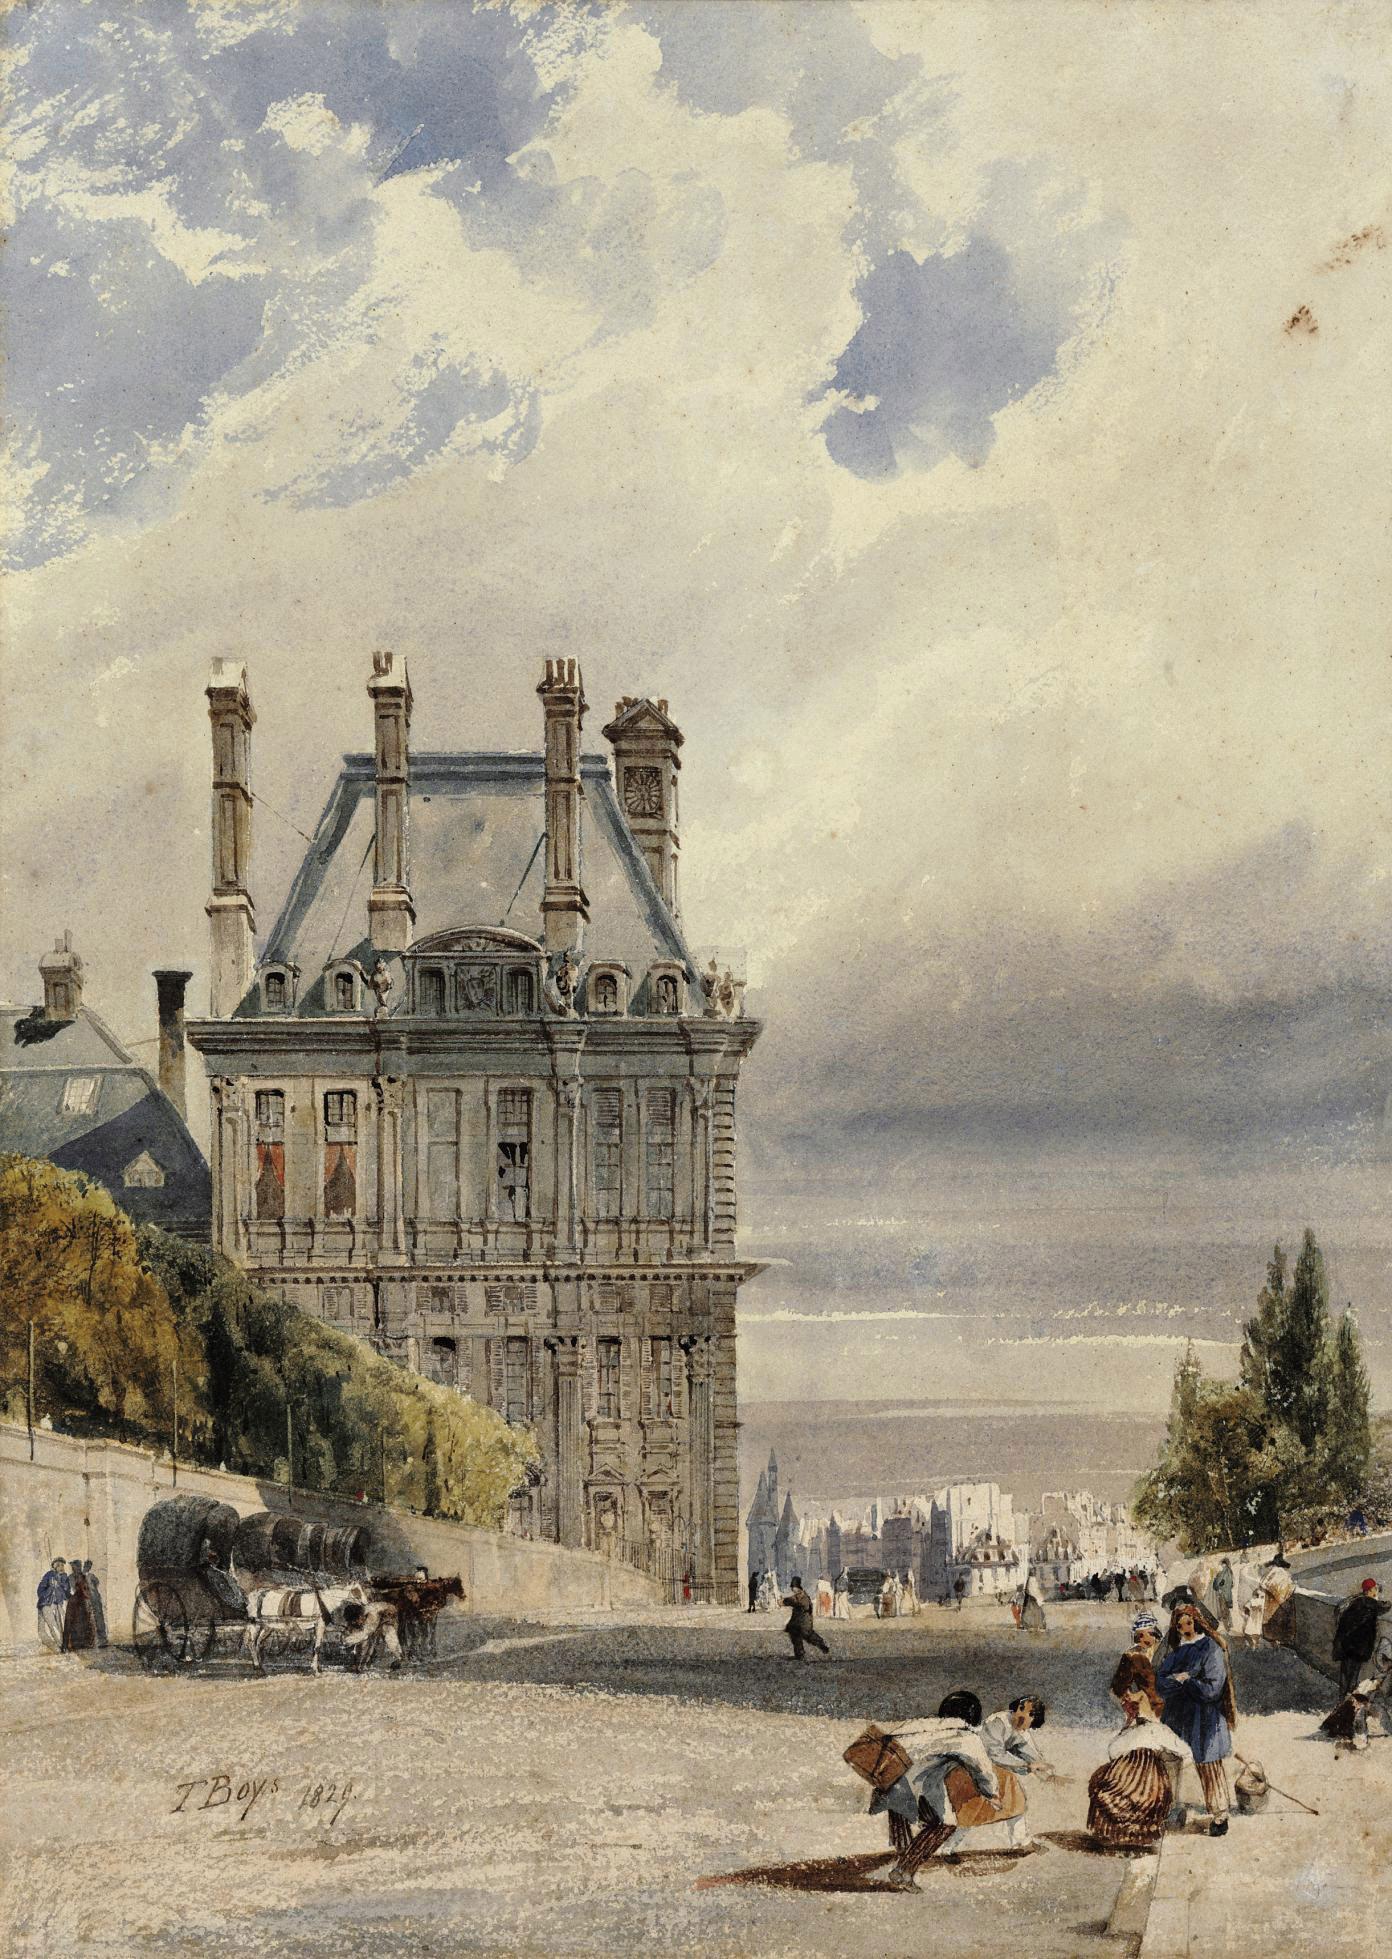 Le Pavillon de Flore, Tuileries, Paris